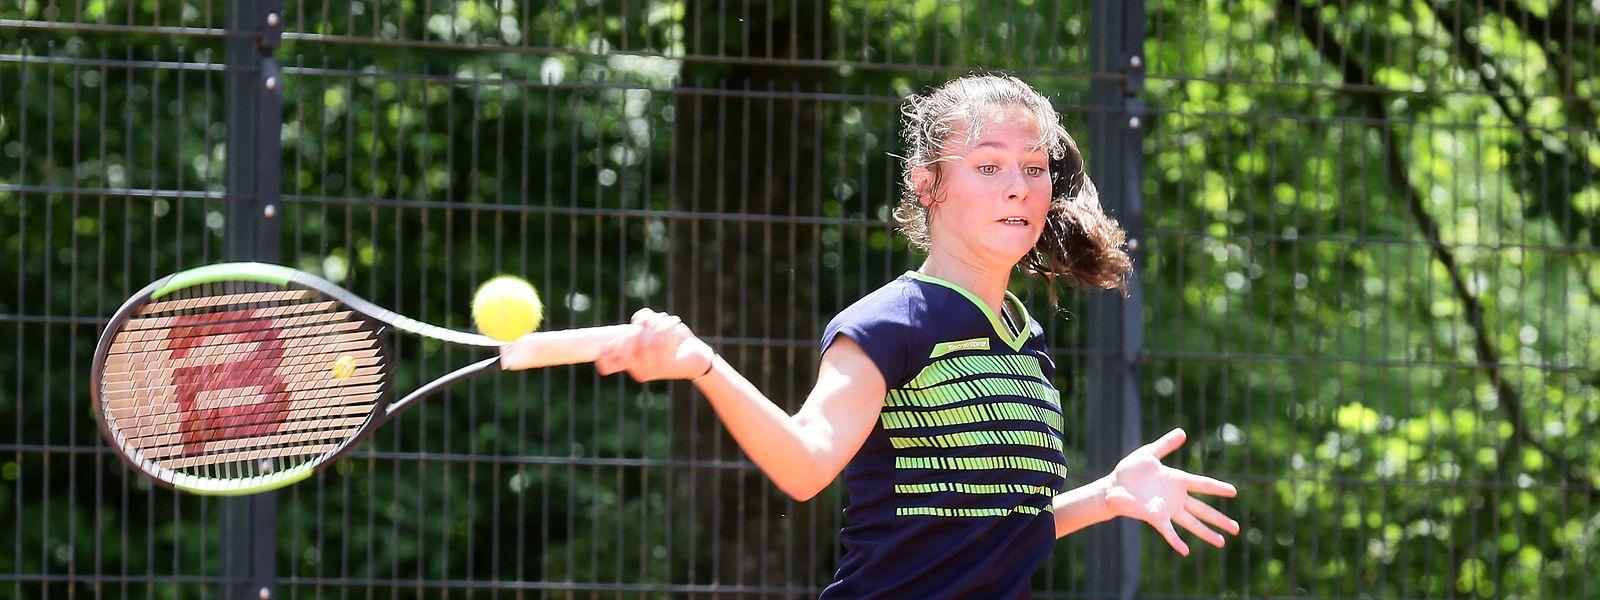 Der TC Bonneweg setzt auf die Jugend, wie zum Beispiel die 15-jährige Lea Mouton.